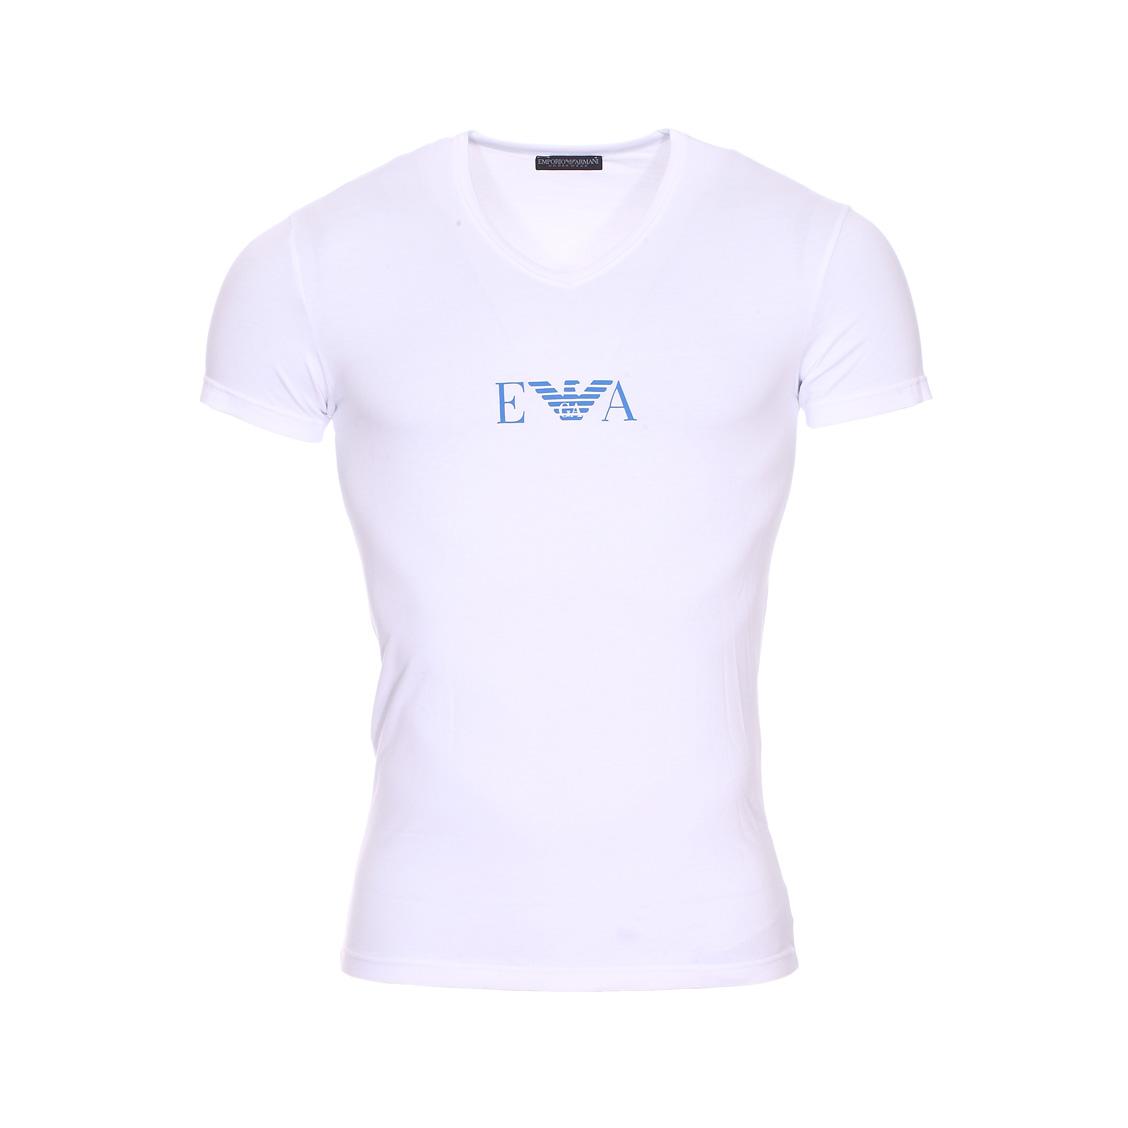 Tee-shirt col v  en coton stretch blanc floqué du logo en bleu roi